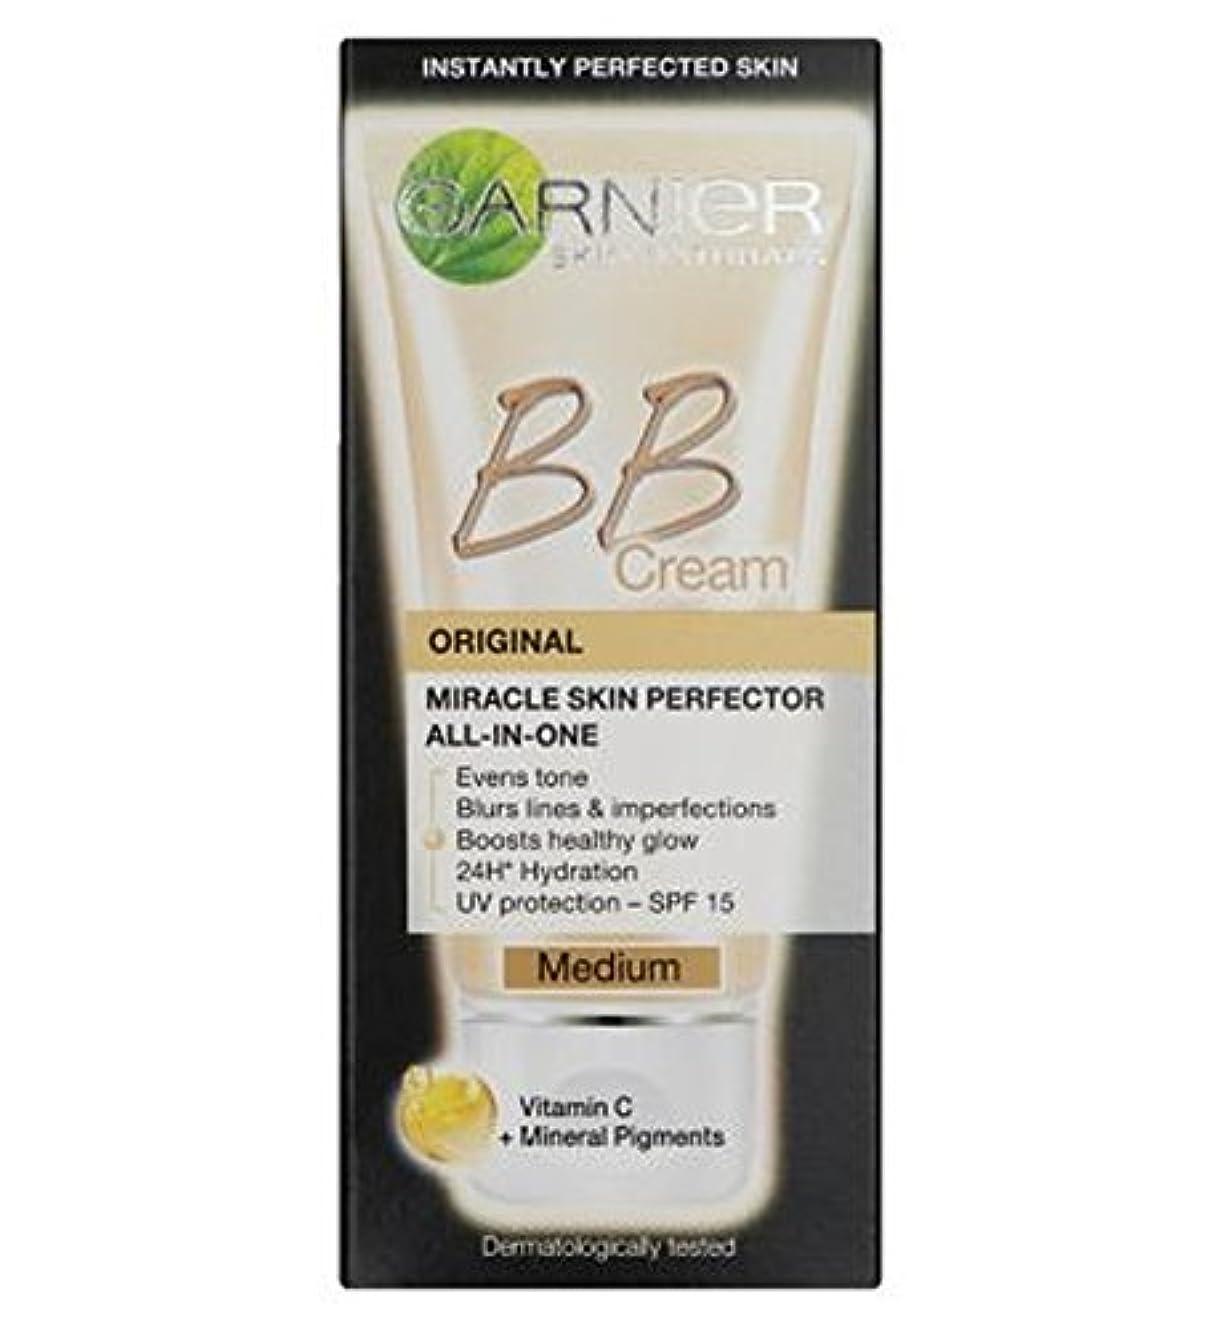 合唱団ハーネスかまどGarnier Skin Perfector Daily All-In-One B.B. Blemish Balm Cream Medium 50ml - 毎日オールインワンB.B.ガルニエスキンパーフェク傷バームクリーム...